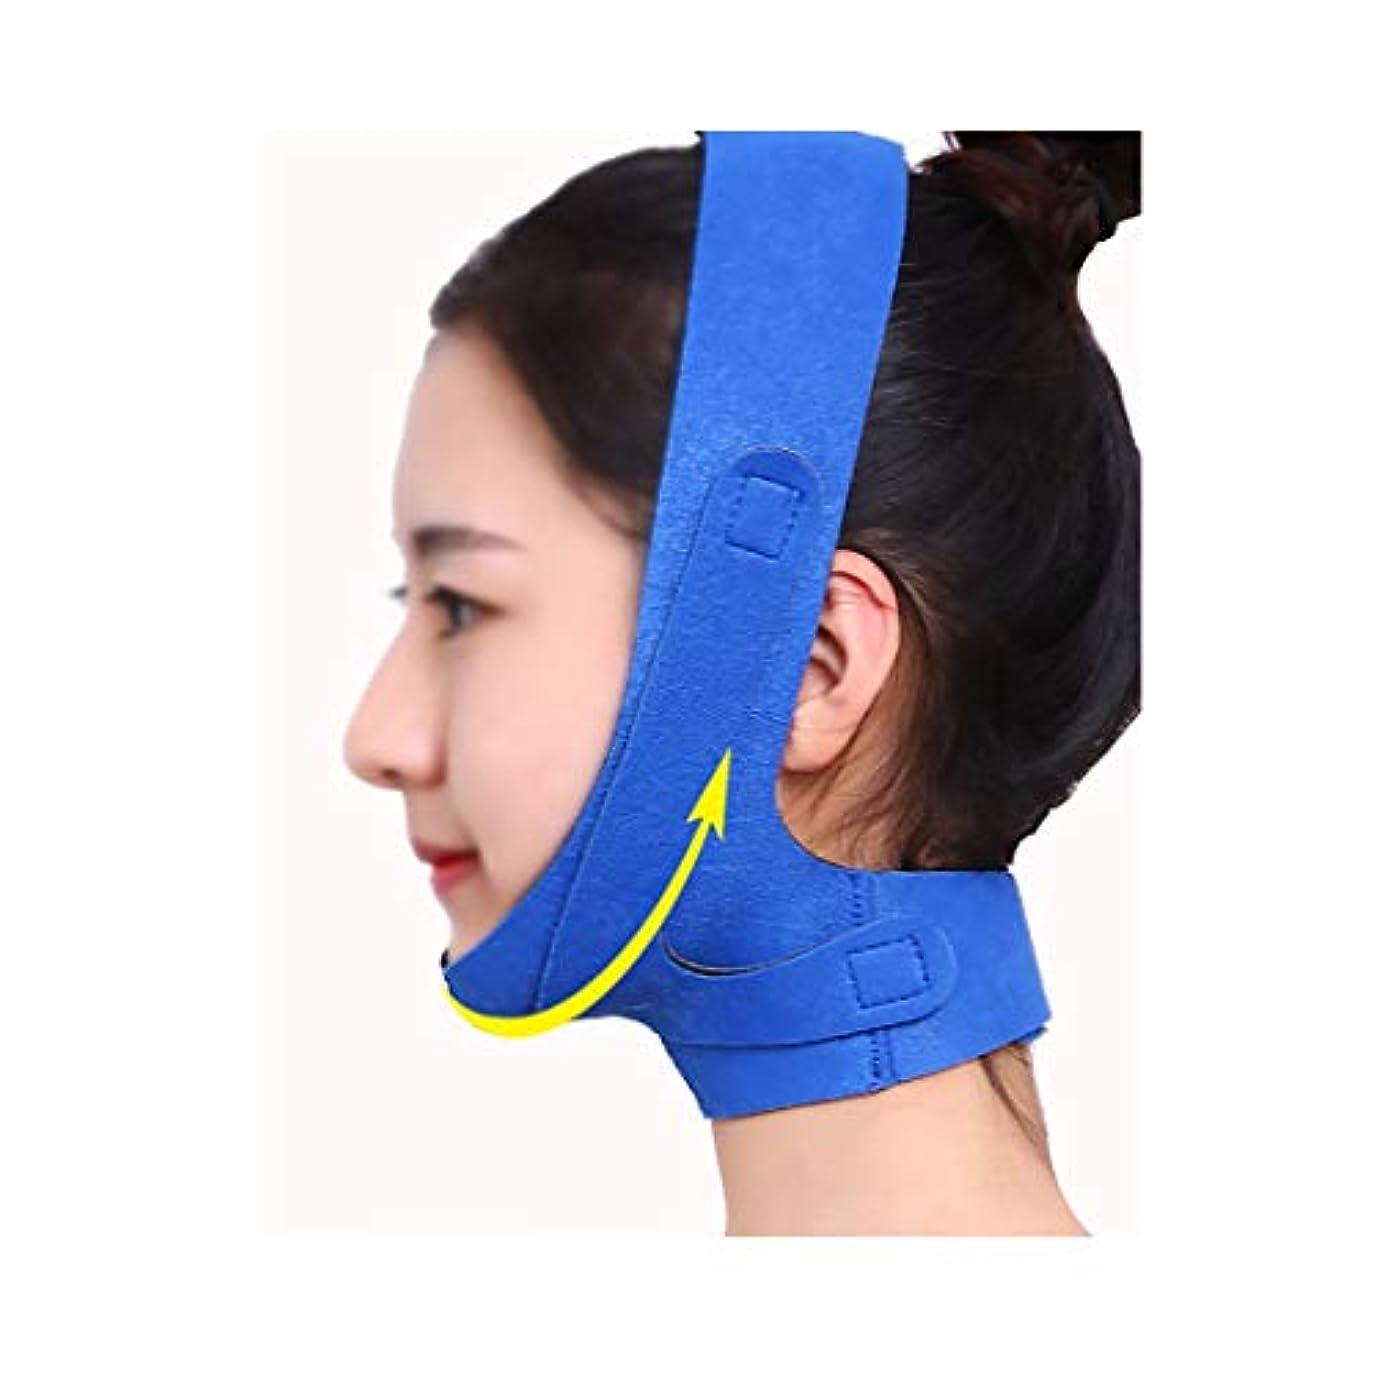 強大なごみ影響するTLMY 薄い顔マスクあごを回復包帯睡眠薄い顔包帯薄い顔マスクフェイスリフトアーチファクト小さいV顔薄い顔美容マスク包帯青い顔マスク 顔用整形マスク